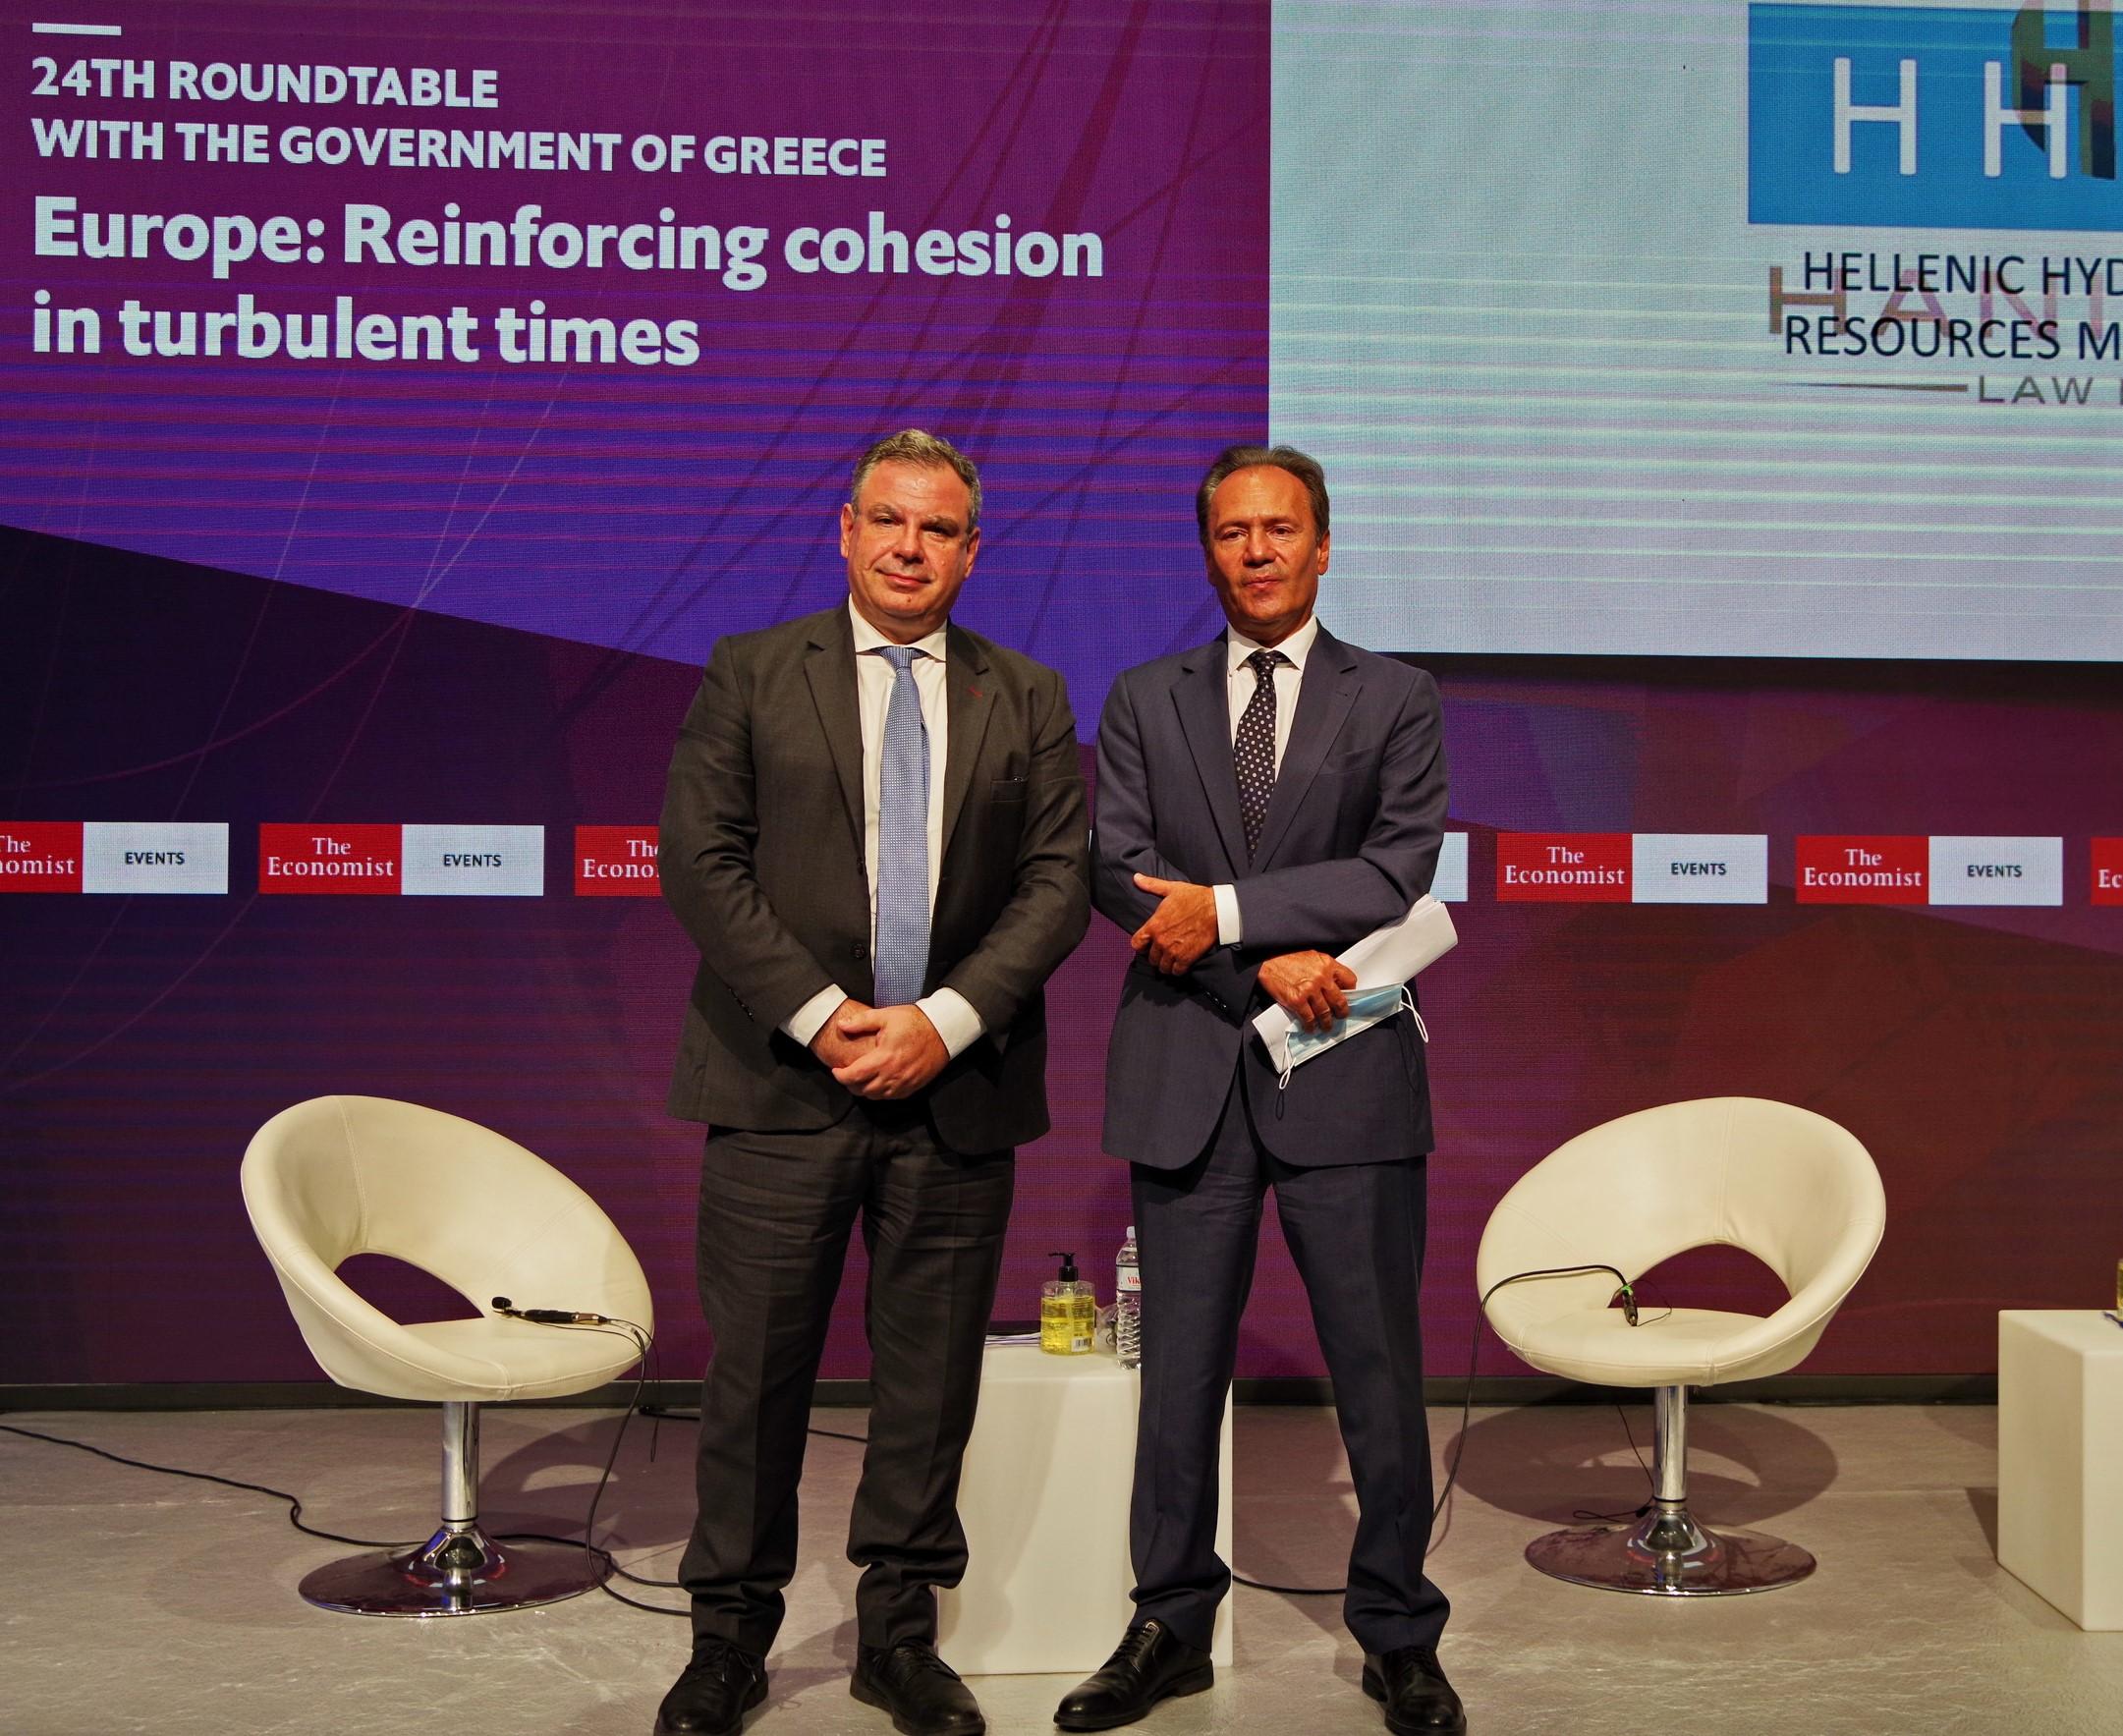 Θ. Τρύφων: «Η ελληνική φαρμακοβιομηχανία μπορεί να επενδύσει 650 εκατ. ευρώ την επόμενη τριετία»